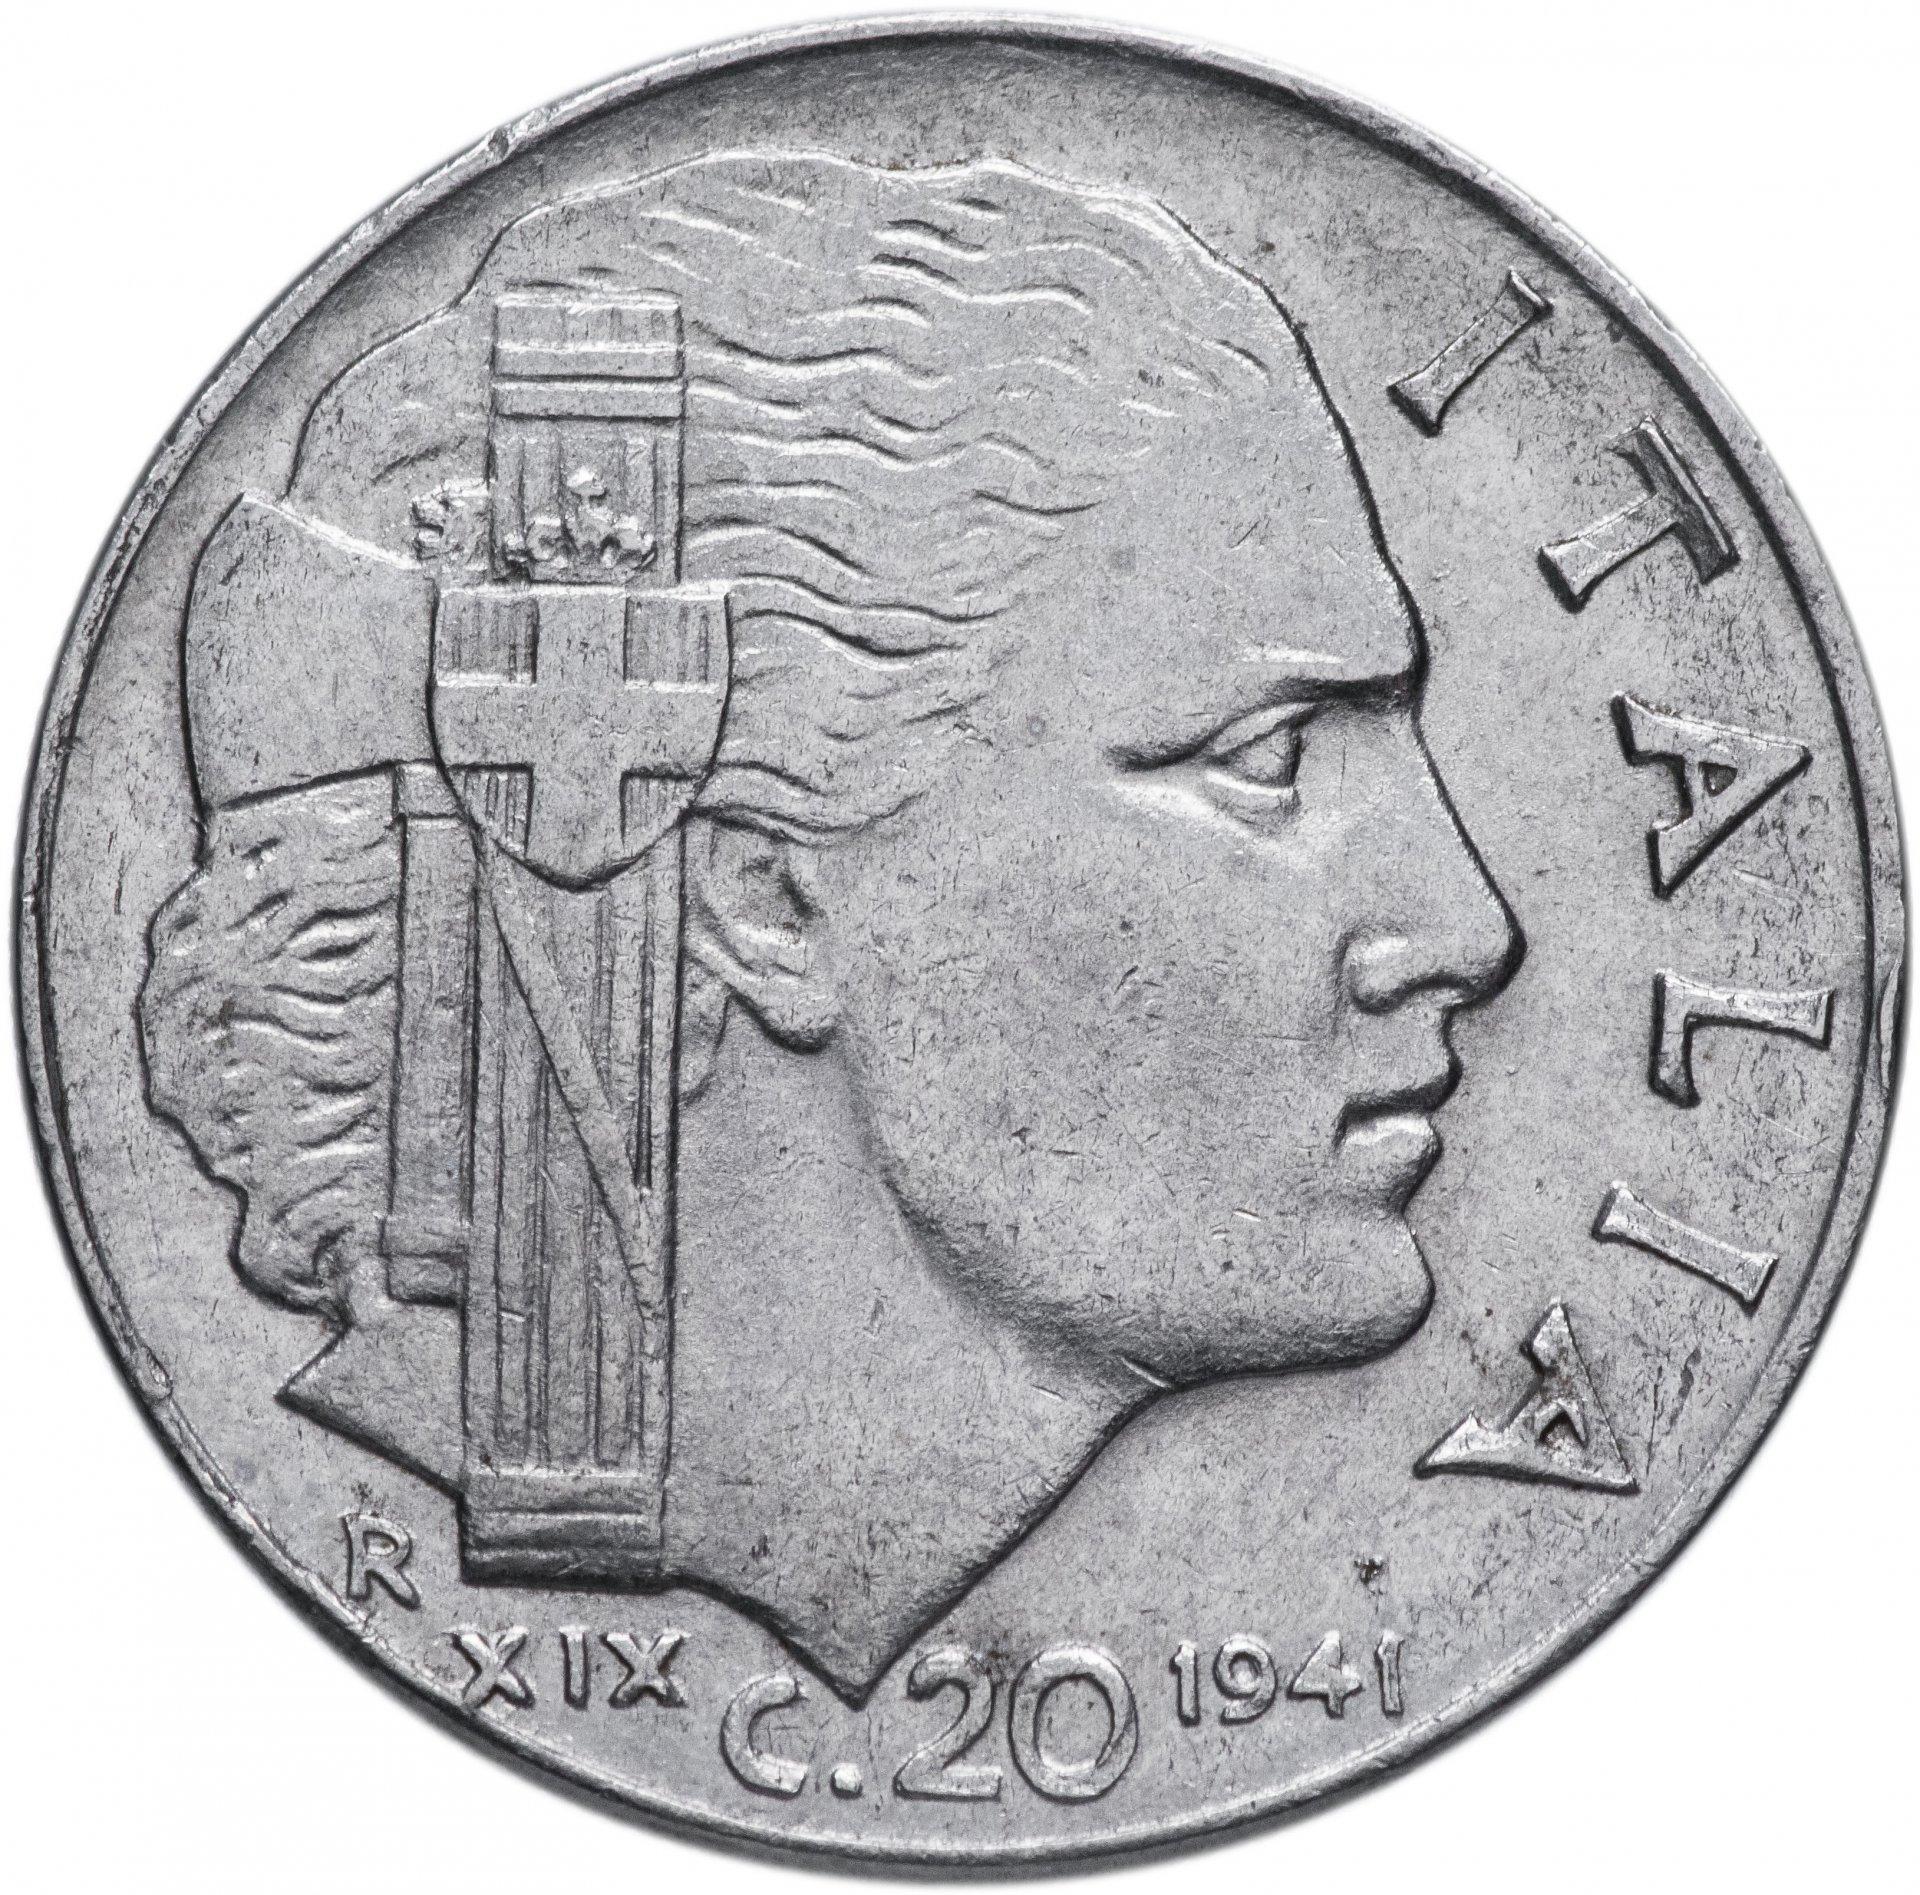 монеты италии фото отличие вас